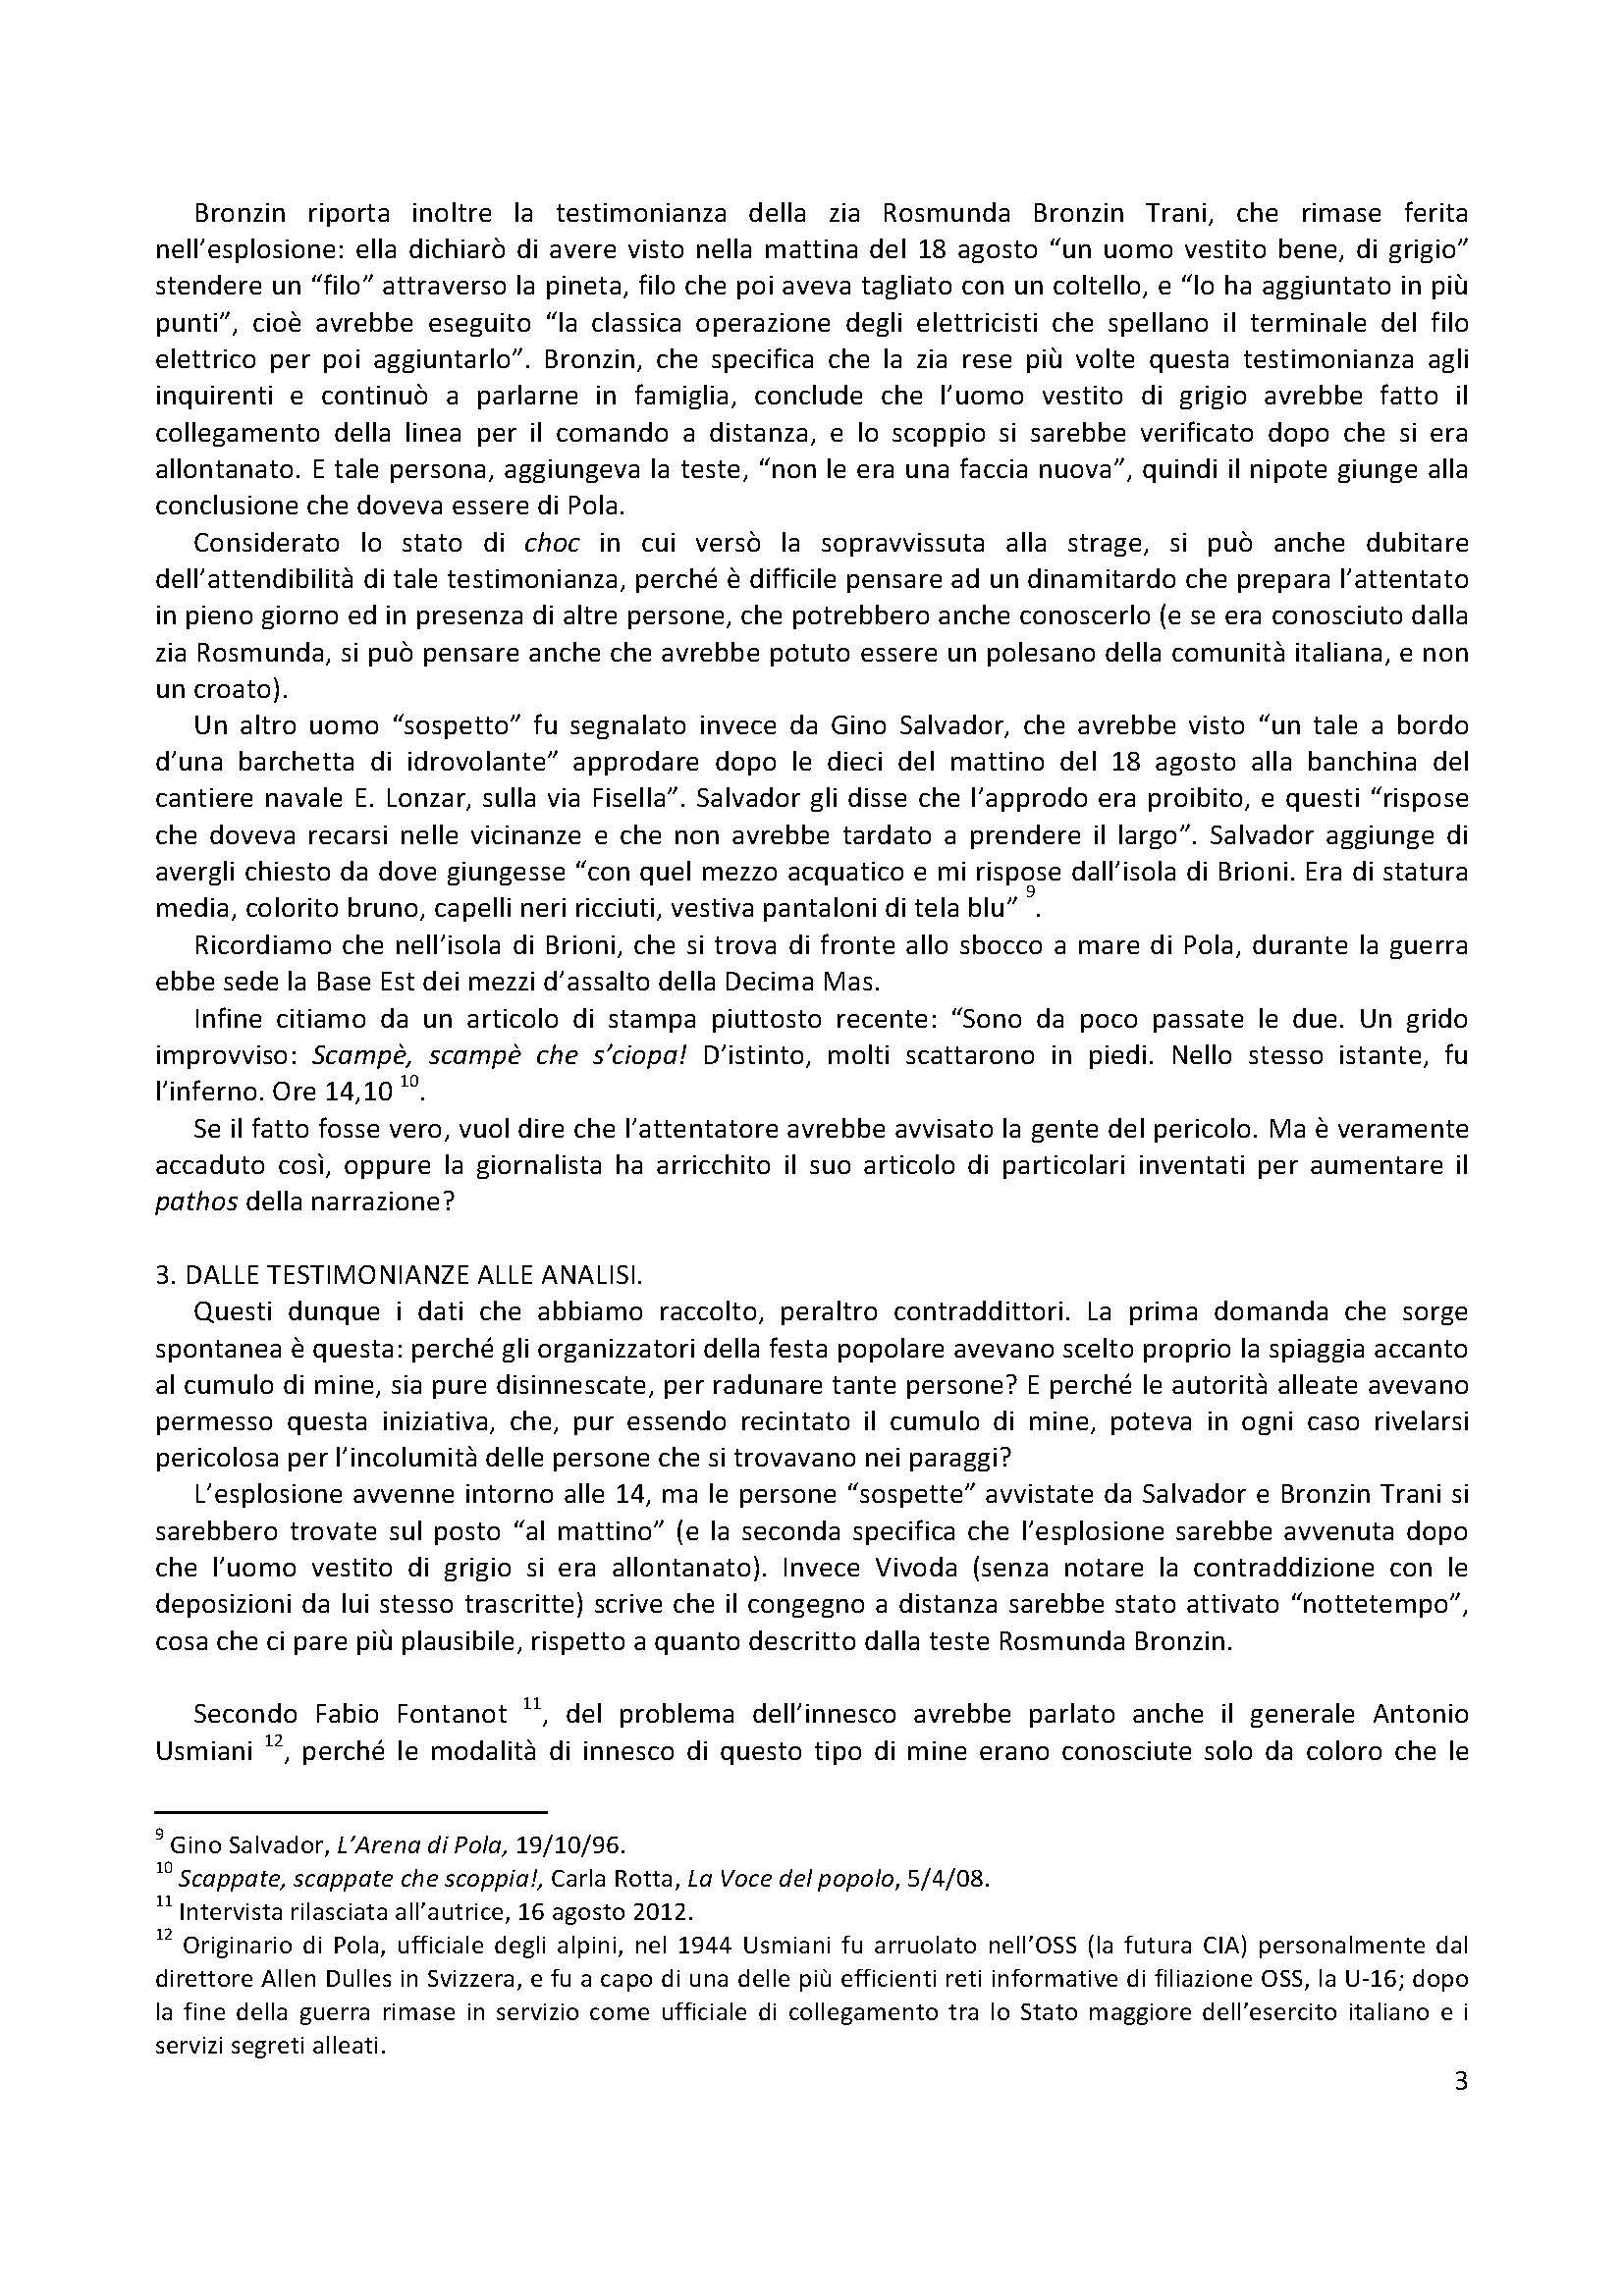 STRATEGIA-DELLA-TENSIONE-IN-ISTRIA (1)_Page_3